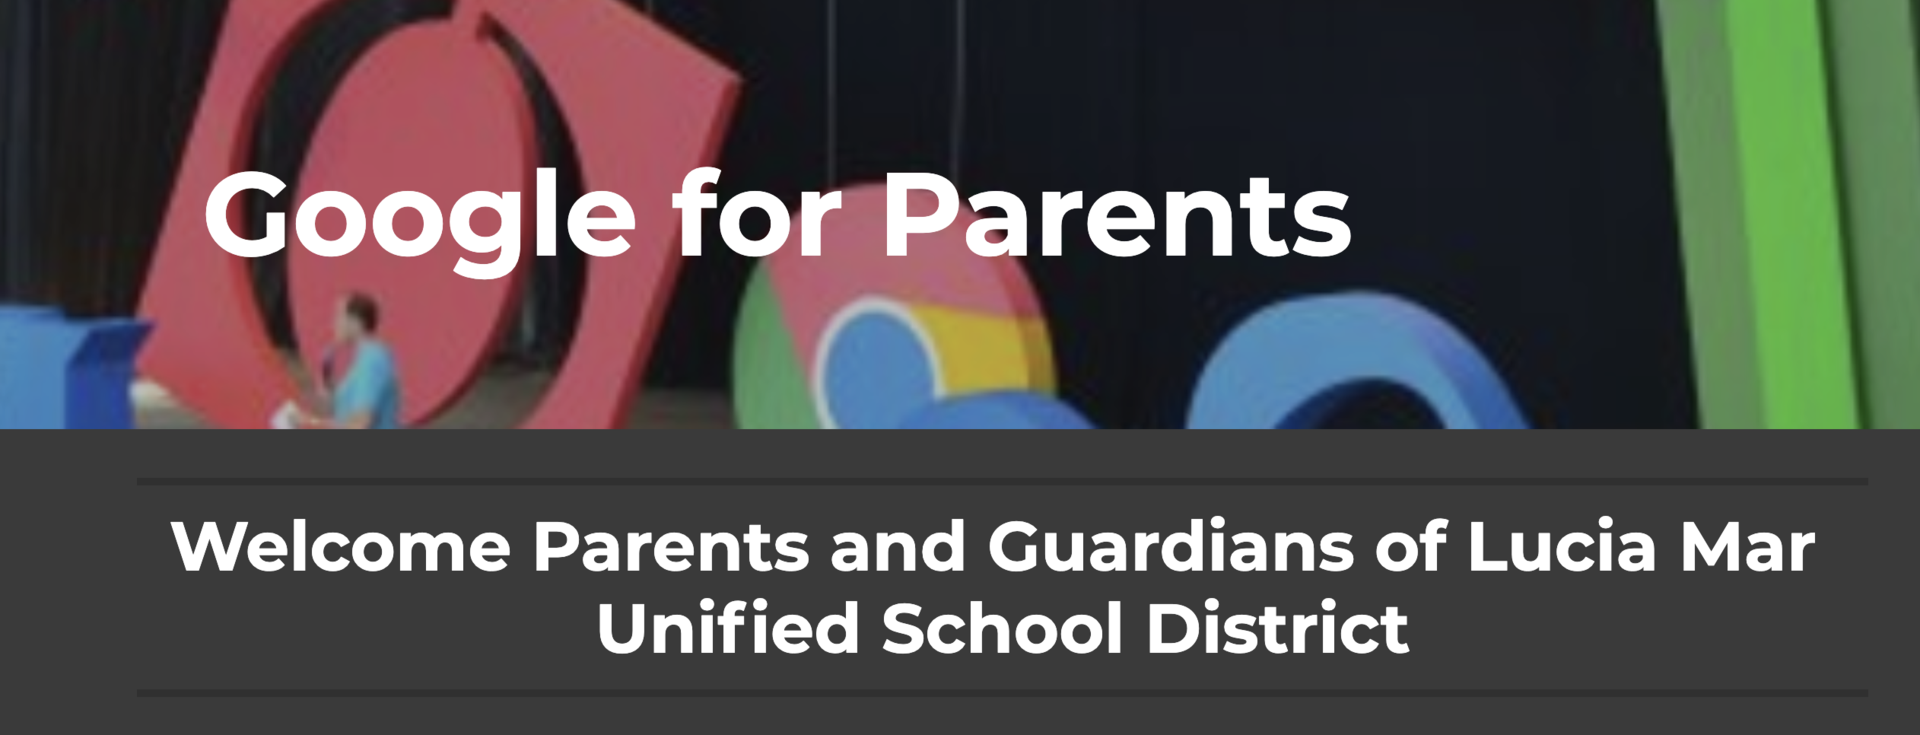 LMUSD Google for Parents